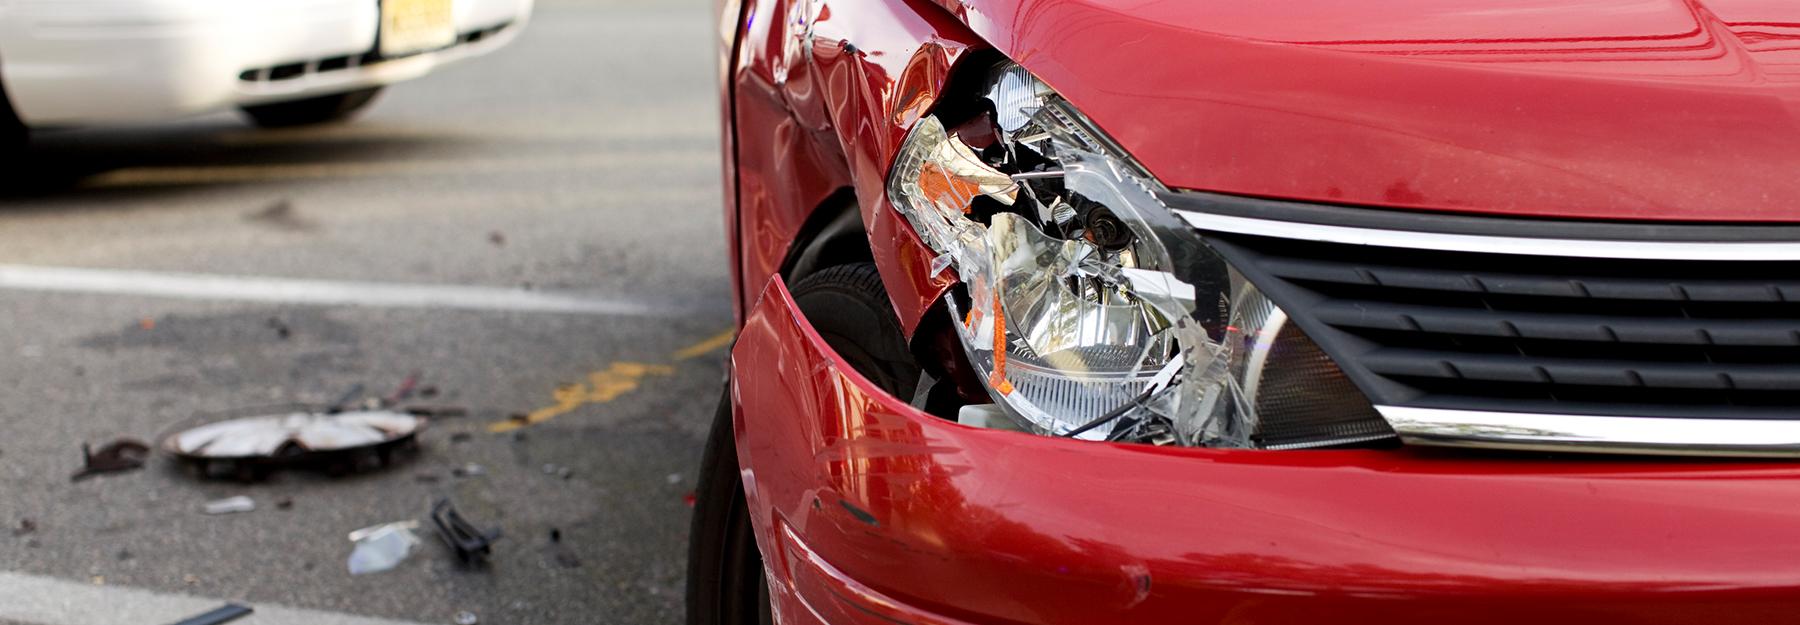 Typische Schadensfalle Der Kfz Versicherung Richtig Melden